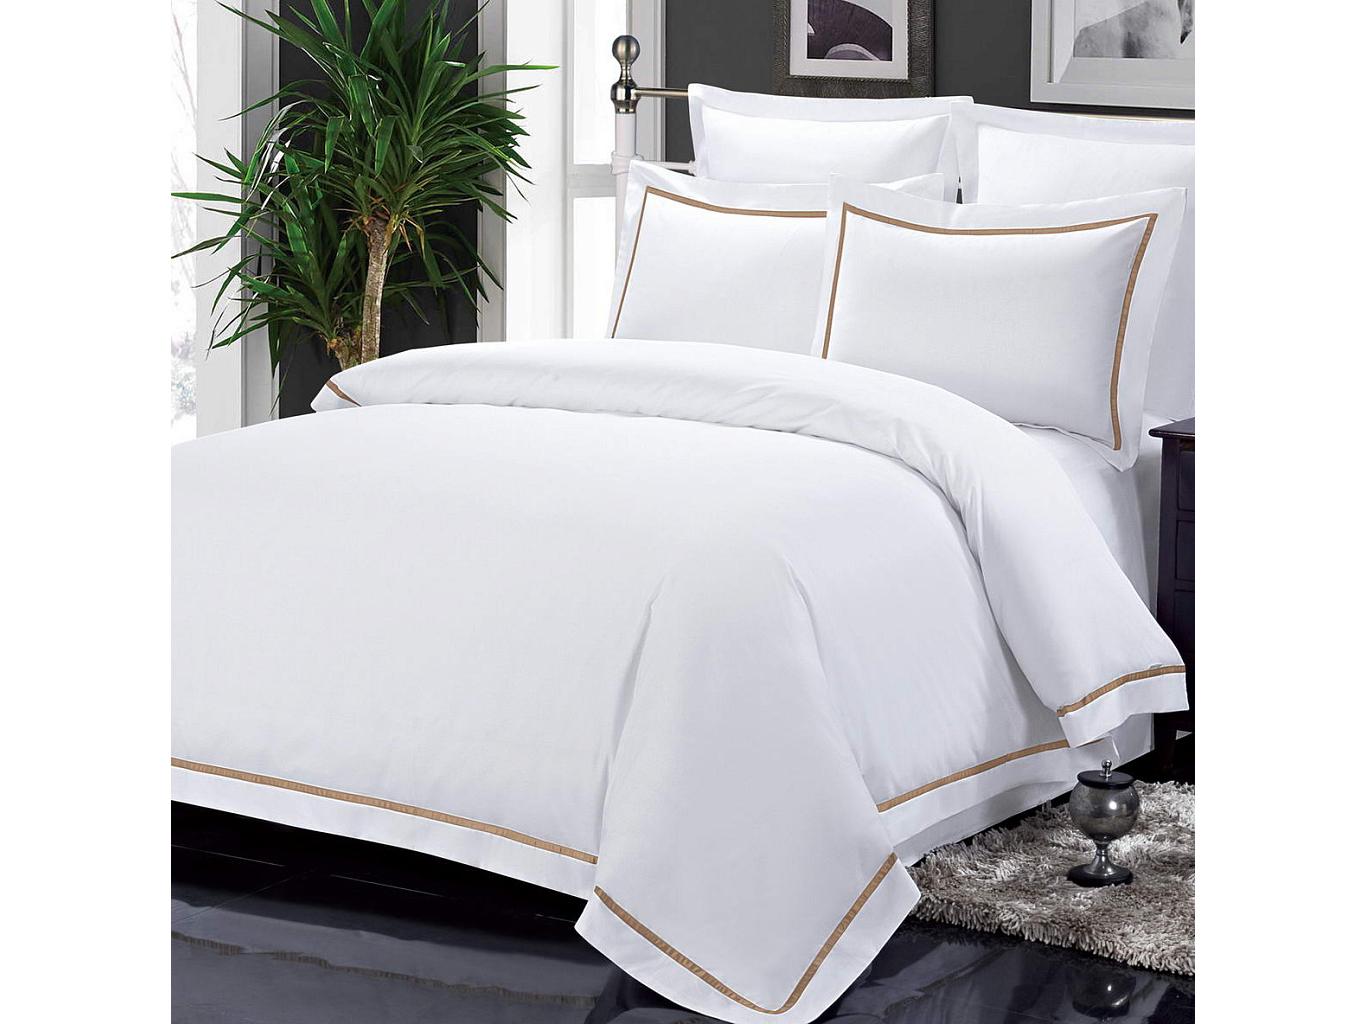 Комплект постельного белья СанремоДвуспальные комплекты постельного белья<br>&amp;lt;div&amp;gt;Великолепный белоснежный комплект из хлопка станет настоящим украшением для Вашей спальни. Наволочки с &amp;quot;ушками&amp;quot; и декоративная тесьма,простроченная по периметру смотрятся необыкновенно стильно. Хлопковая нить сплетается определенным способом, это позволяет получить высокую плотность ткани, не теряя при этом мягкости.&amp;amp;nbsp;&amp;lt;/div&amp;gt;&amp;lt;div&amp;gt;&amp;lt;br&amp;gt;&amp;lt;/div&amp;gt;&amp;lt;div&amp;gt;Комплектация:&amp;amp;nbsp;&amp;lt;/div&amp;gt;&amp;lt;div&amp;gt;Пододеяльник:160х220-(2 шт.);&amp;amp;nbsp;&amp;lt;/div&amp;gt;&amp;lt;div&amp;gt;Простыня: 230х250-(1 шт.);&amp;amp;nbsp;&amp;lt;/div&amp;gt;&amp;lt;div&amp;gt;Наволочки: 50х70-(2 шт.),&amp;lt;/div&amp;gt;&amp;lt;div&amp;gt;Наволочки: 70х70-(2шт.)&amp;amp;nbsp;&amp;lt;/div&amp;gt;&amp;lt;div&amp;gt;Состав: 100% хлопок&amp;lt;/div&amp;gt;&amp;lt;div&amp;gt;&amp;lt;br&amp;gt;&amp;lt;/div&amp;gt;<br><br>Material: Текстиль<br>Ширина см: 250<br>Глубина см: 230